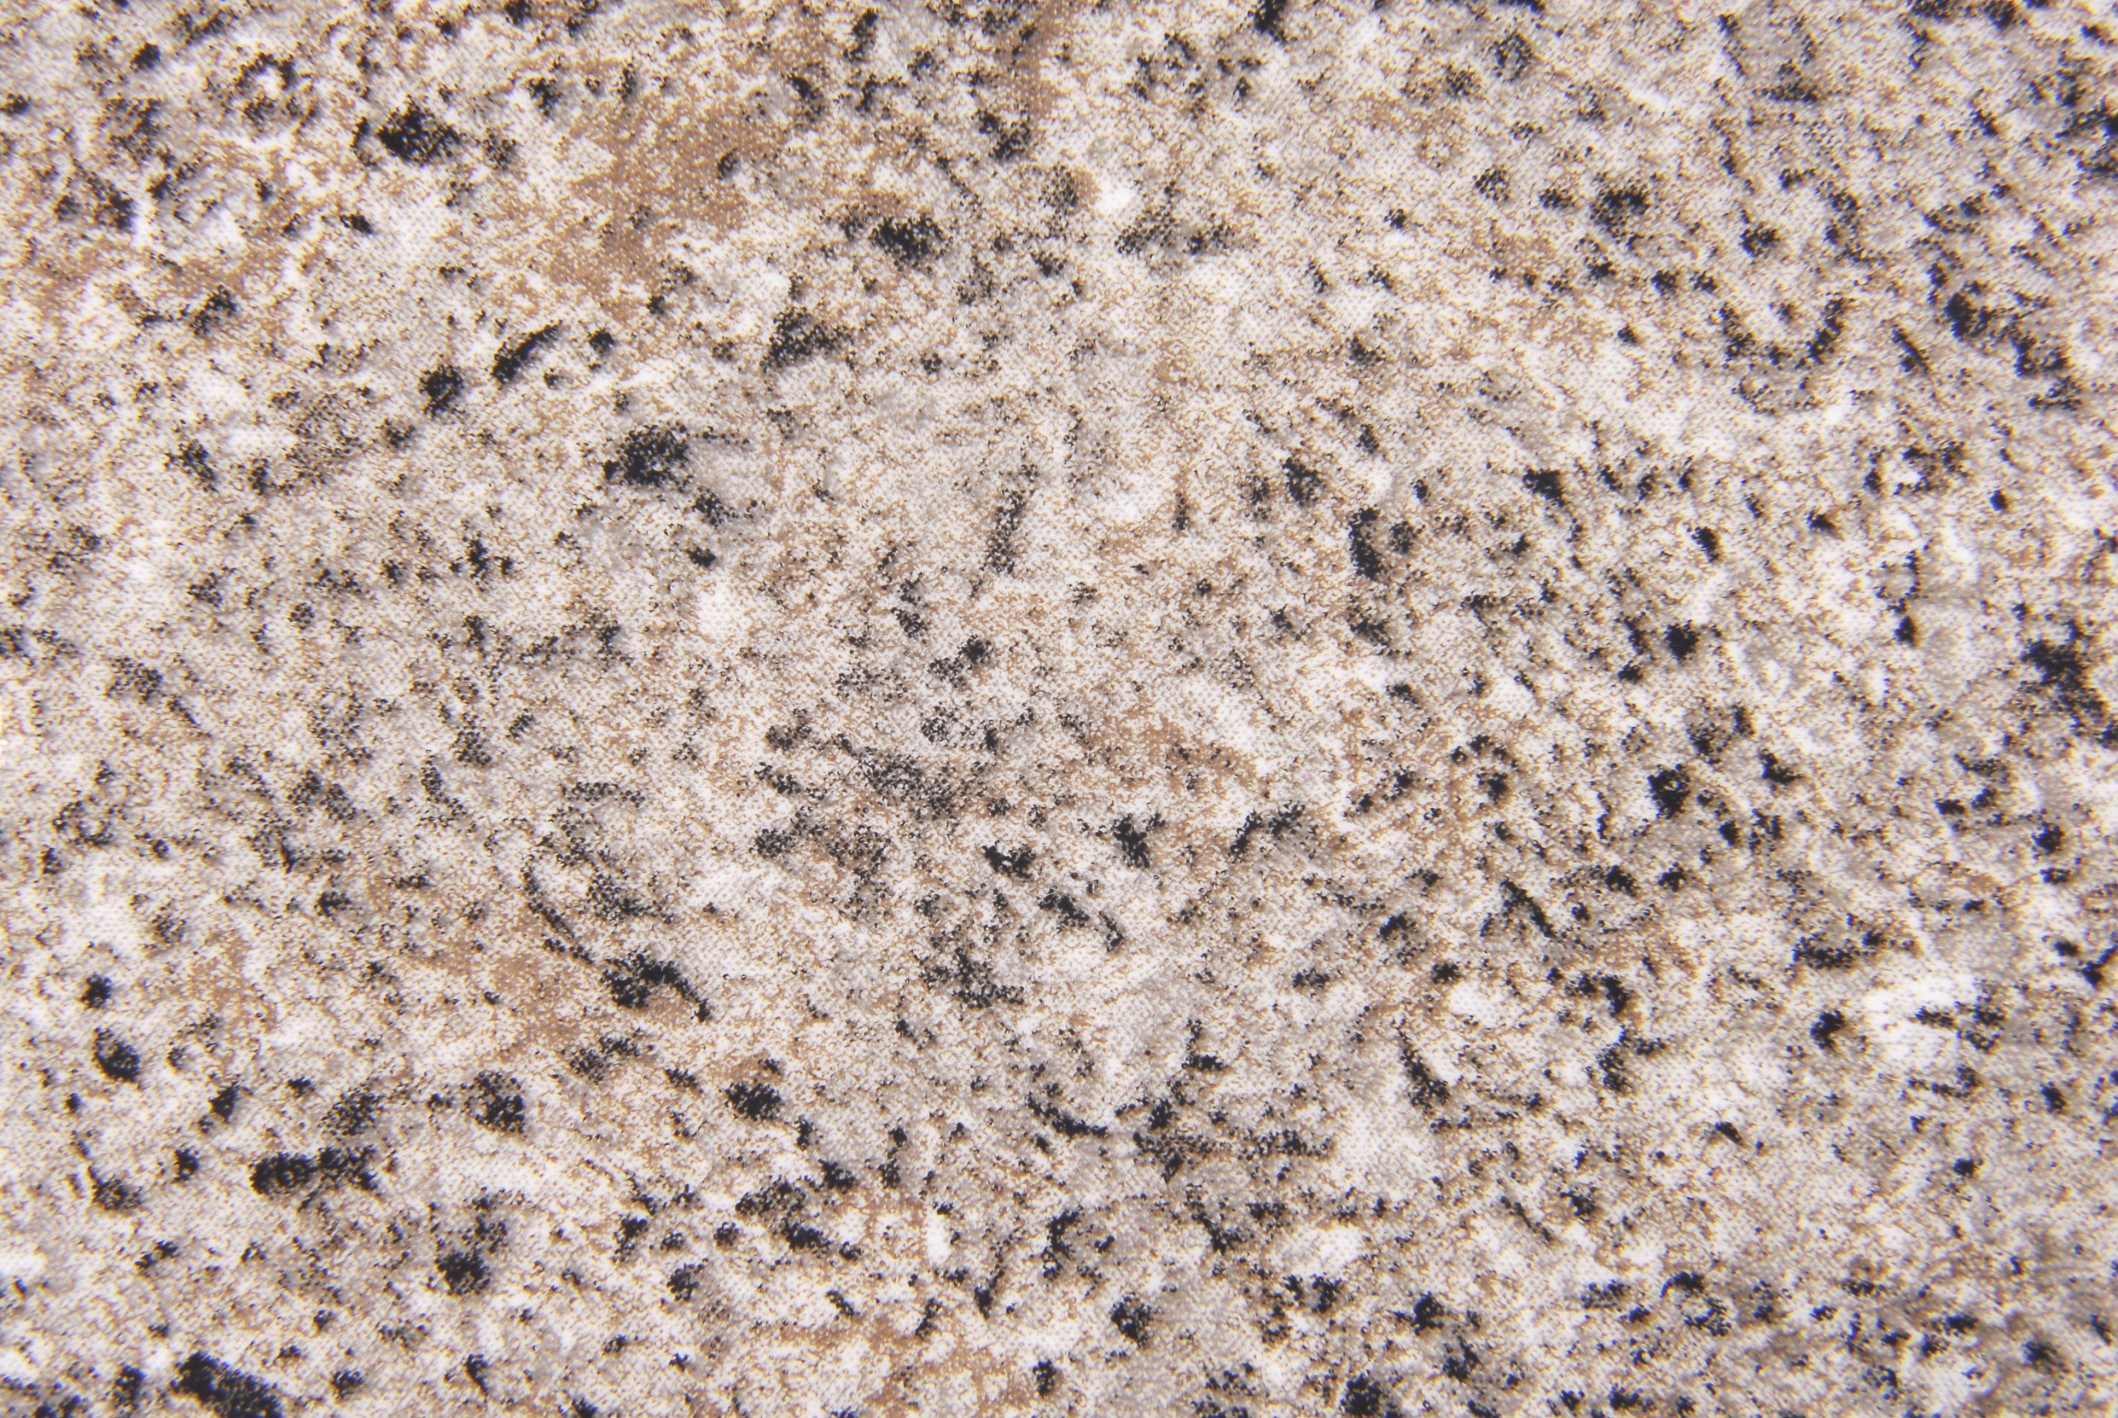 Hard Rock Surface